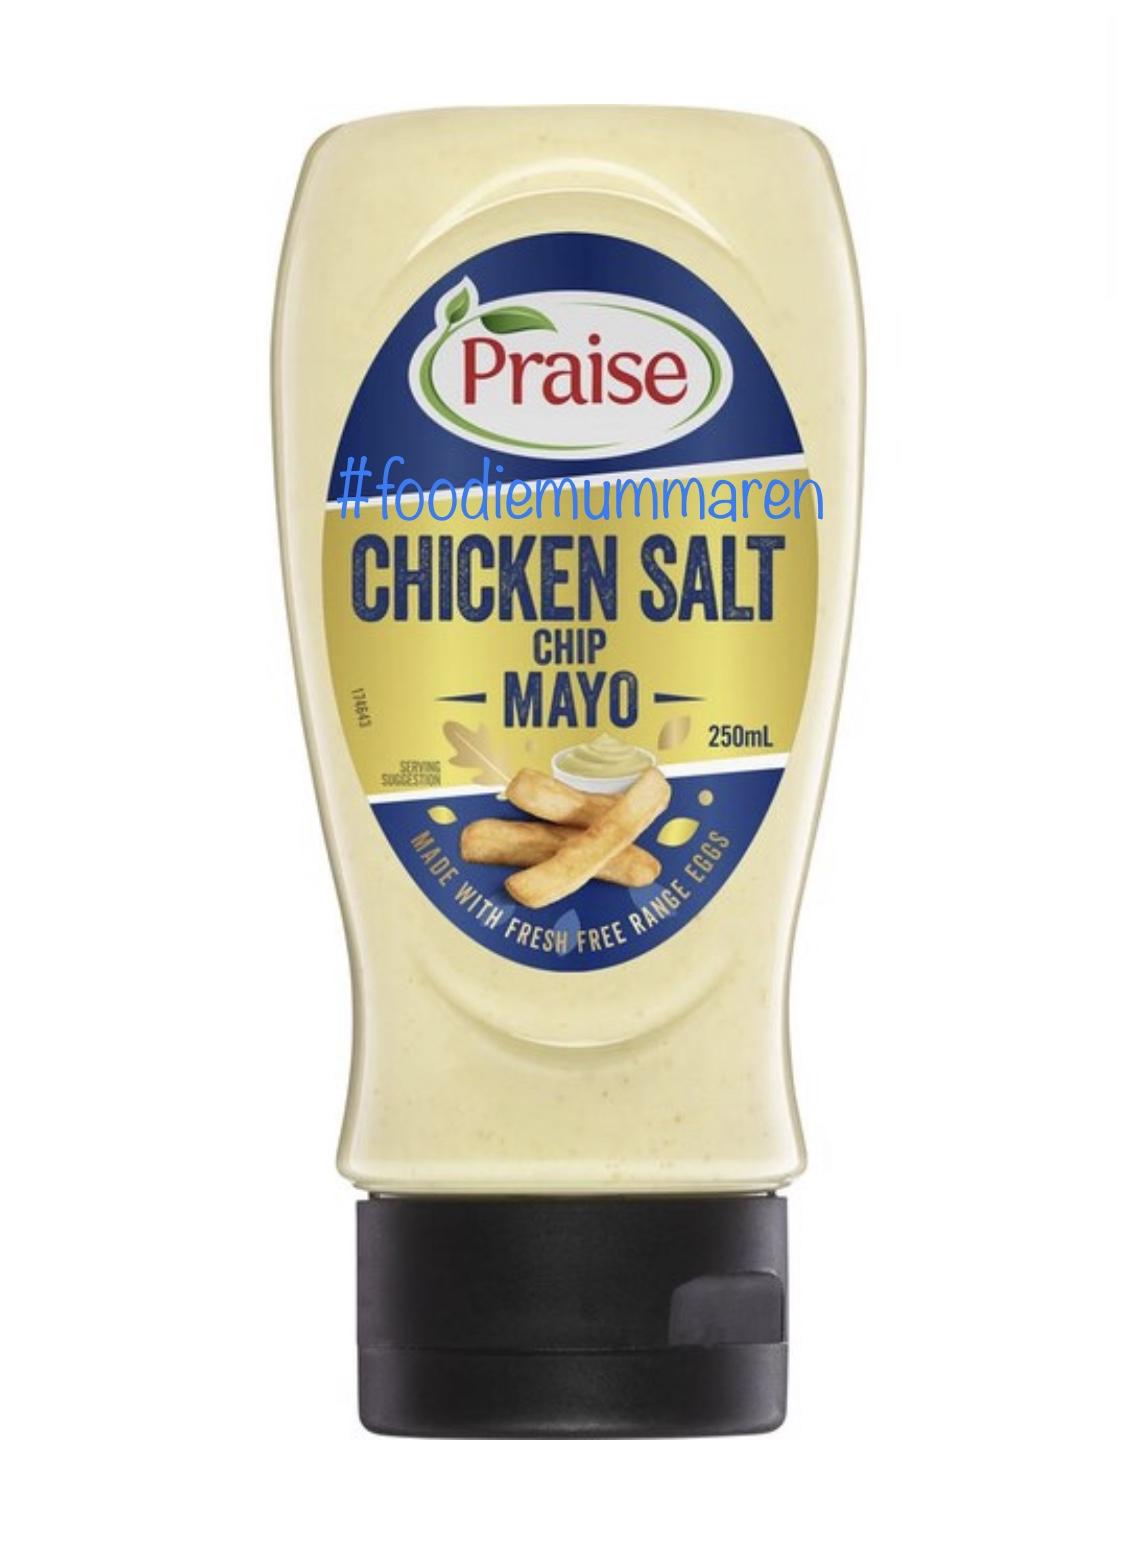 Praise Chicken Salt Chip Mayo!